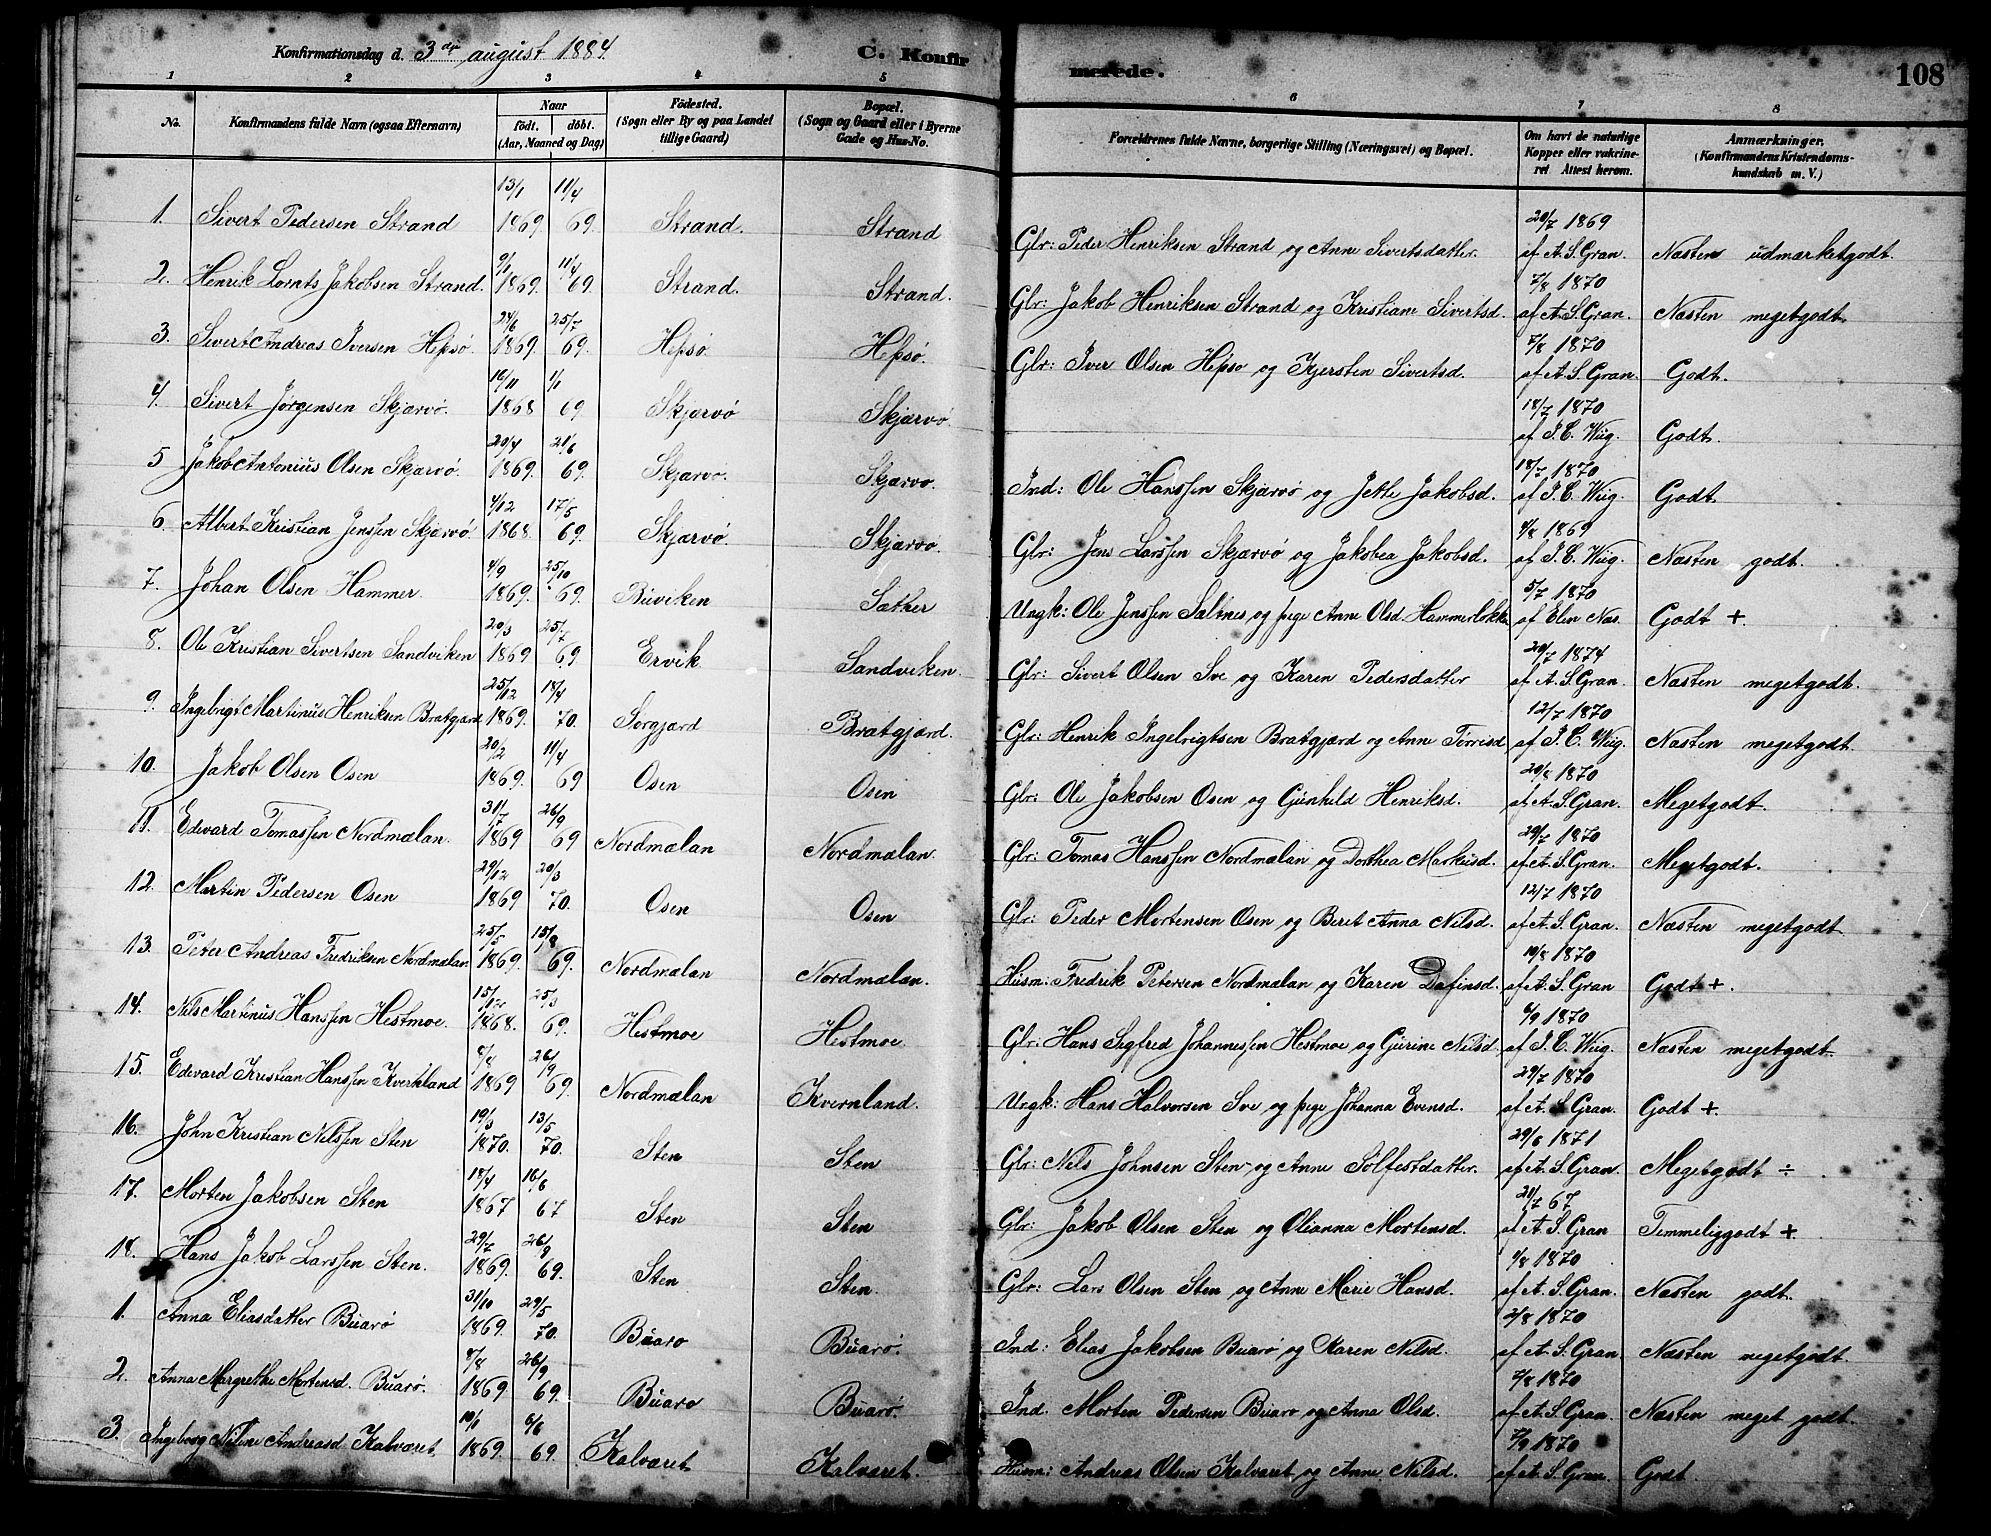 SAT, Ministerialprotokoller, klokkerbøker og fødselsregistre - Sør-Trøndelag, 658/L0726: Klokkerbok nr. 658C02, 1883-1908, s. 108